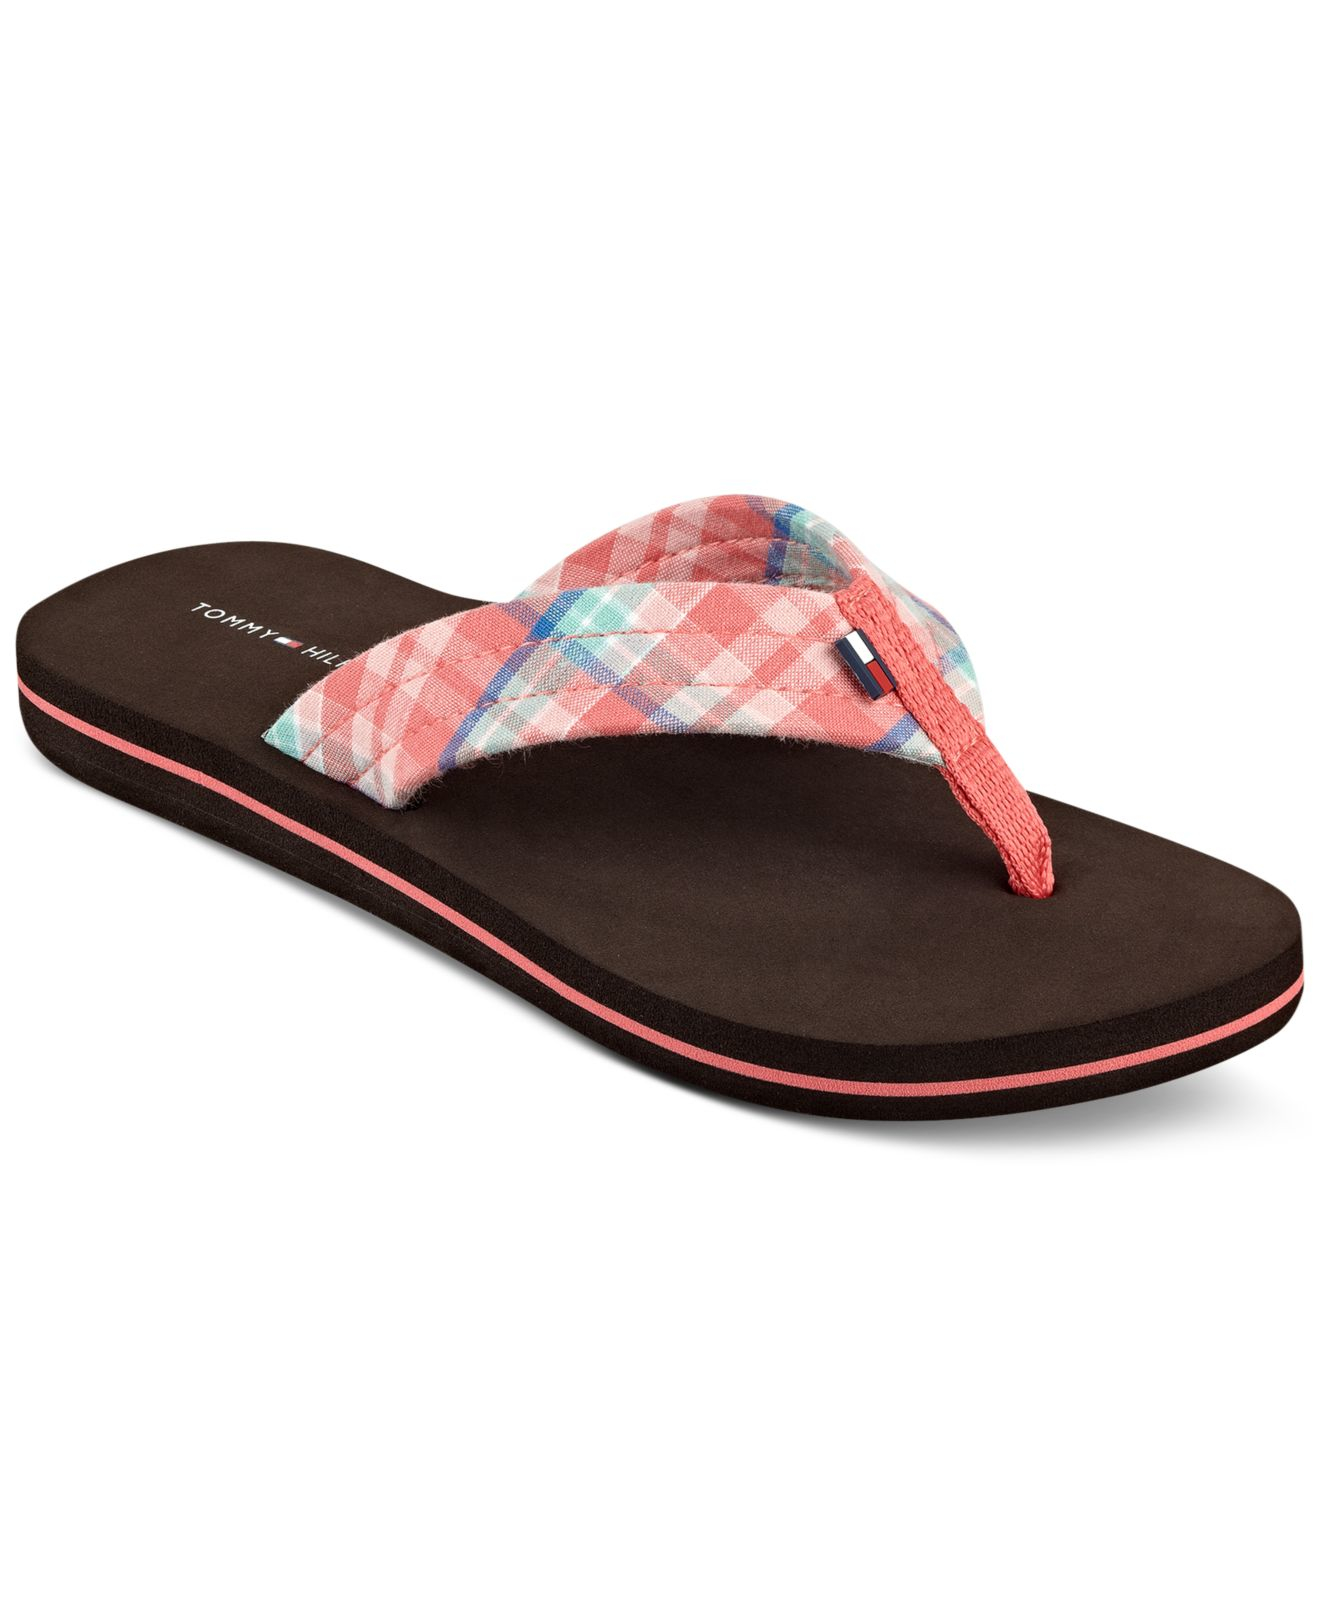 Wonderful Tommy Hilfiger Tommy Hilfiger Women39s Madasen Platform Wedge Sandals